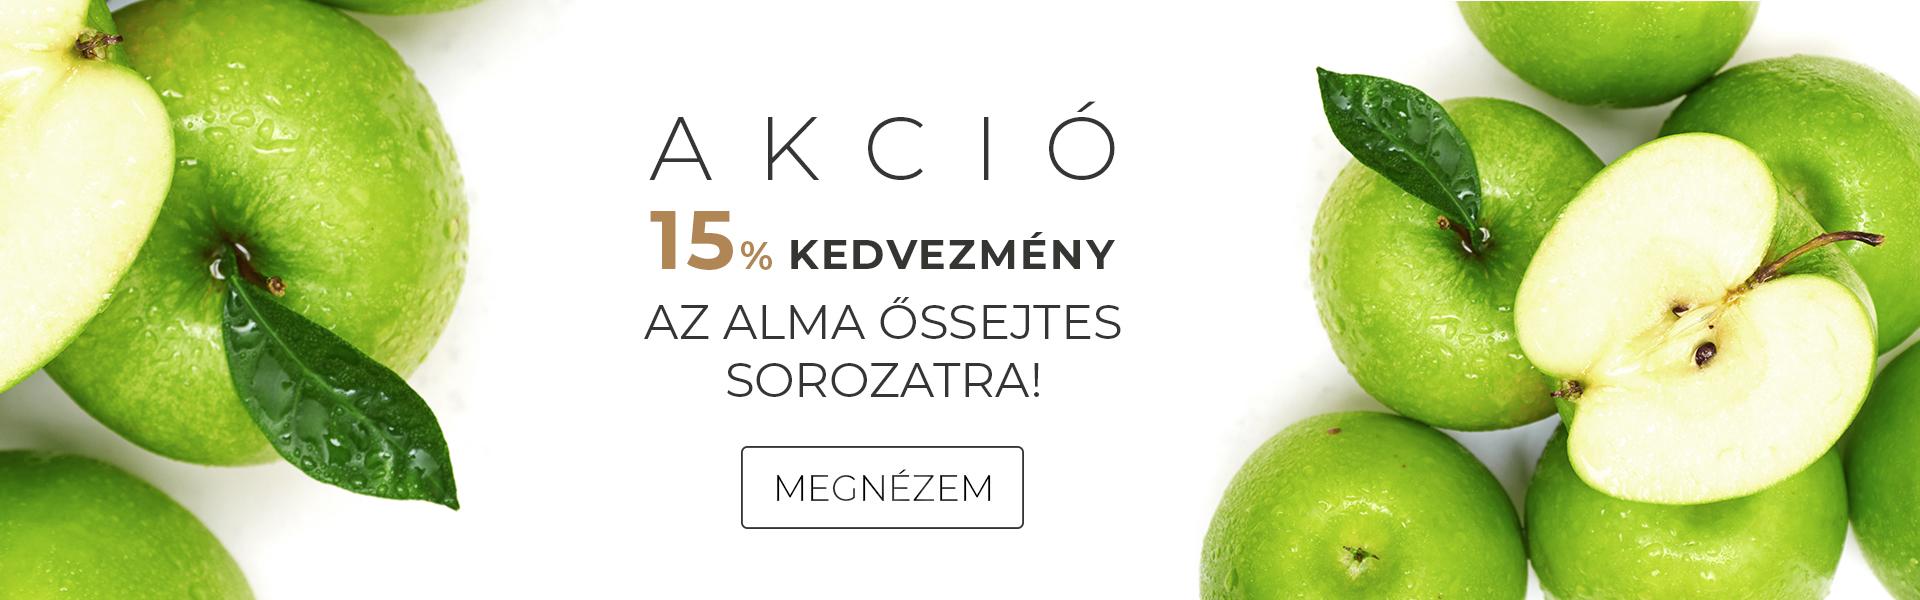 Helia-D Professional Webshop Kozmetikusoknak - Maszkok, krém